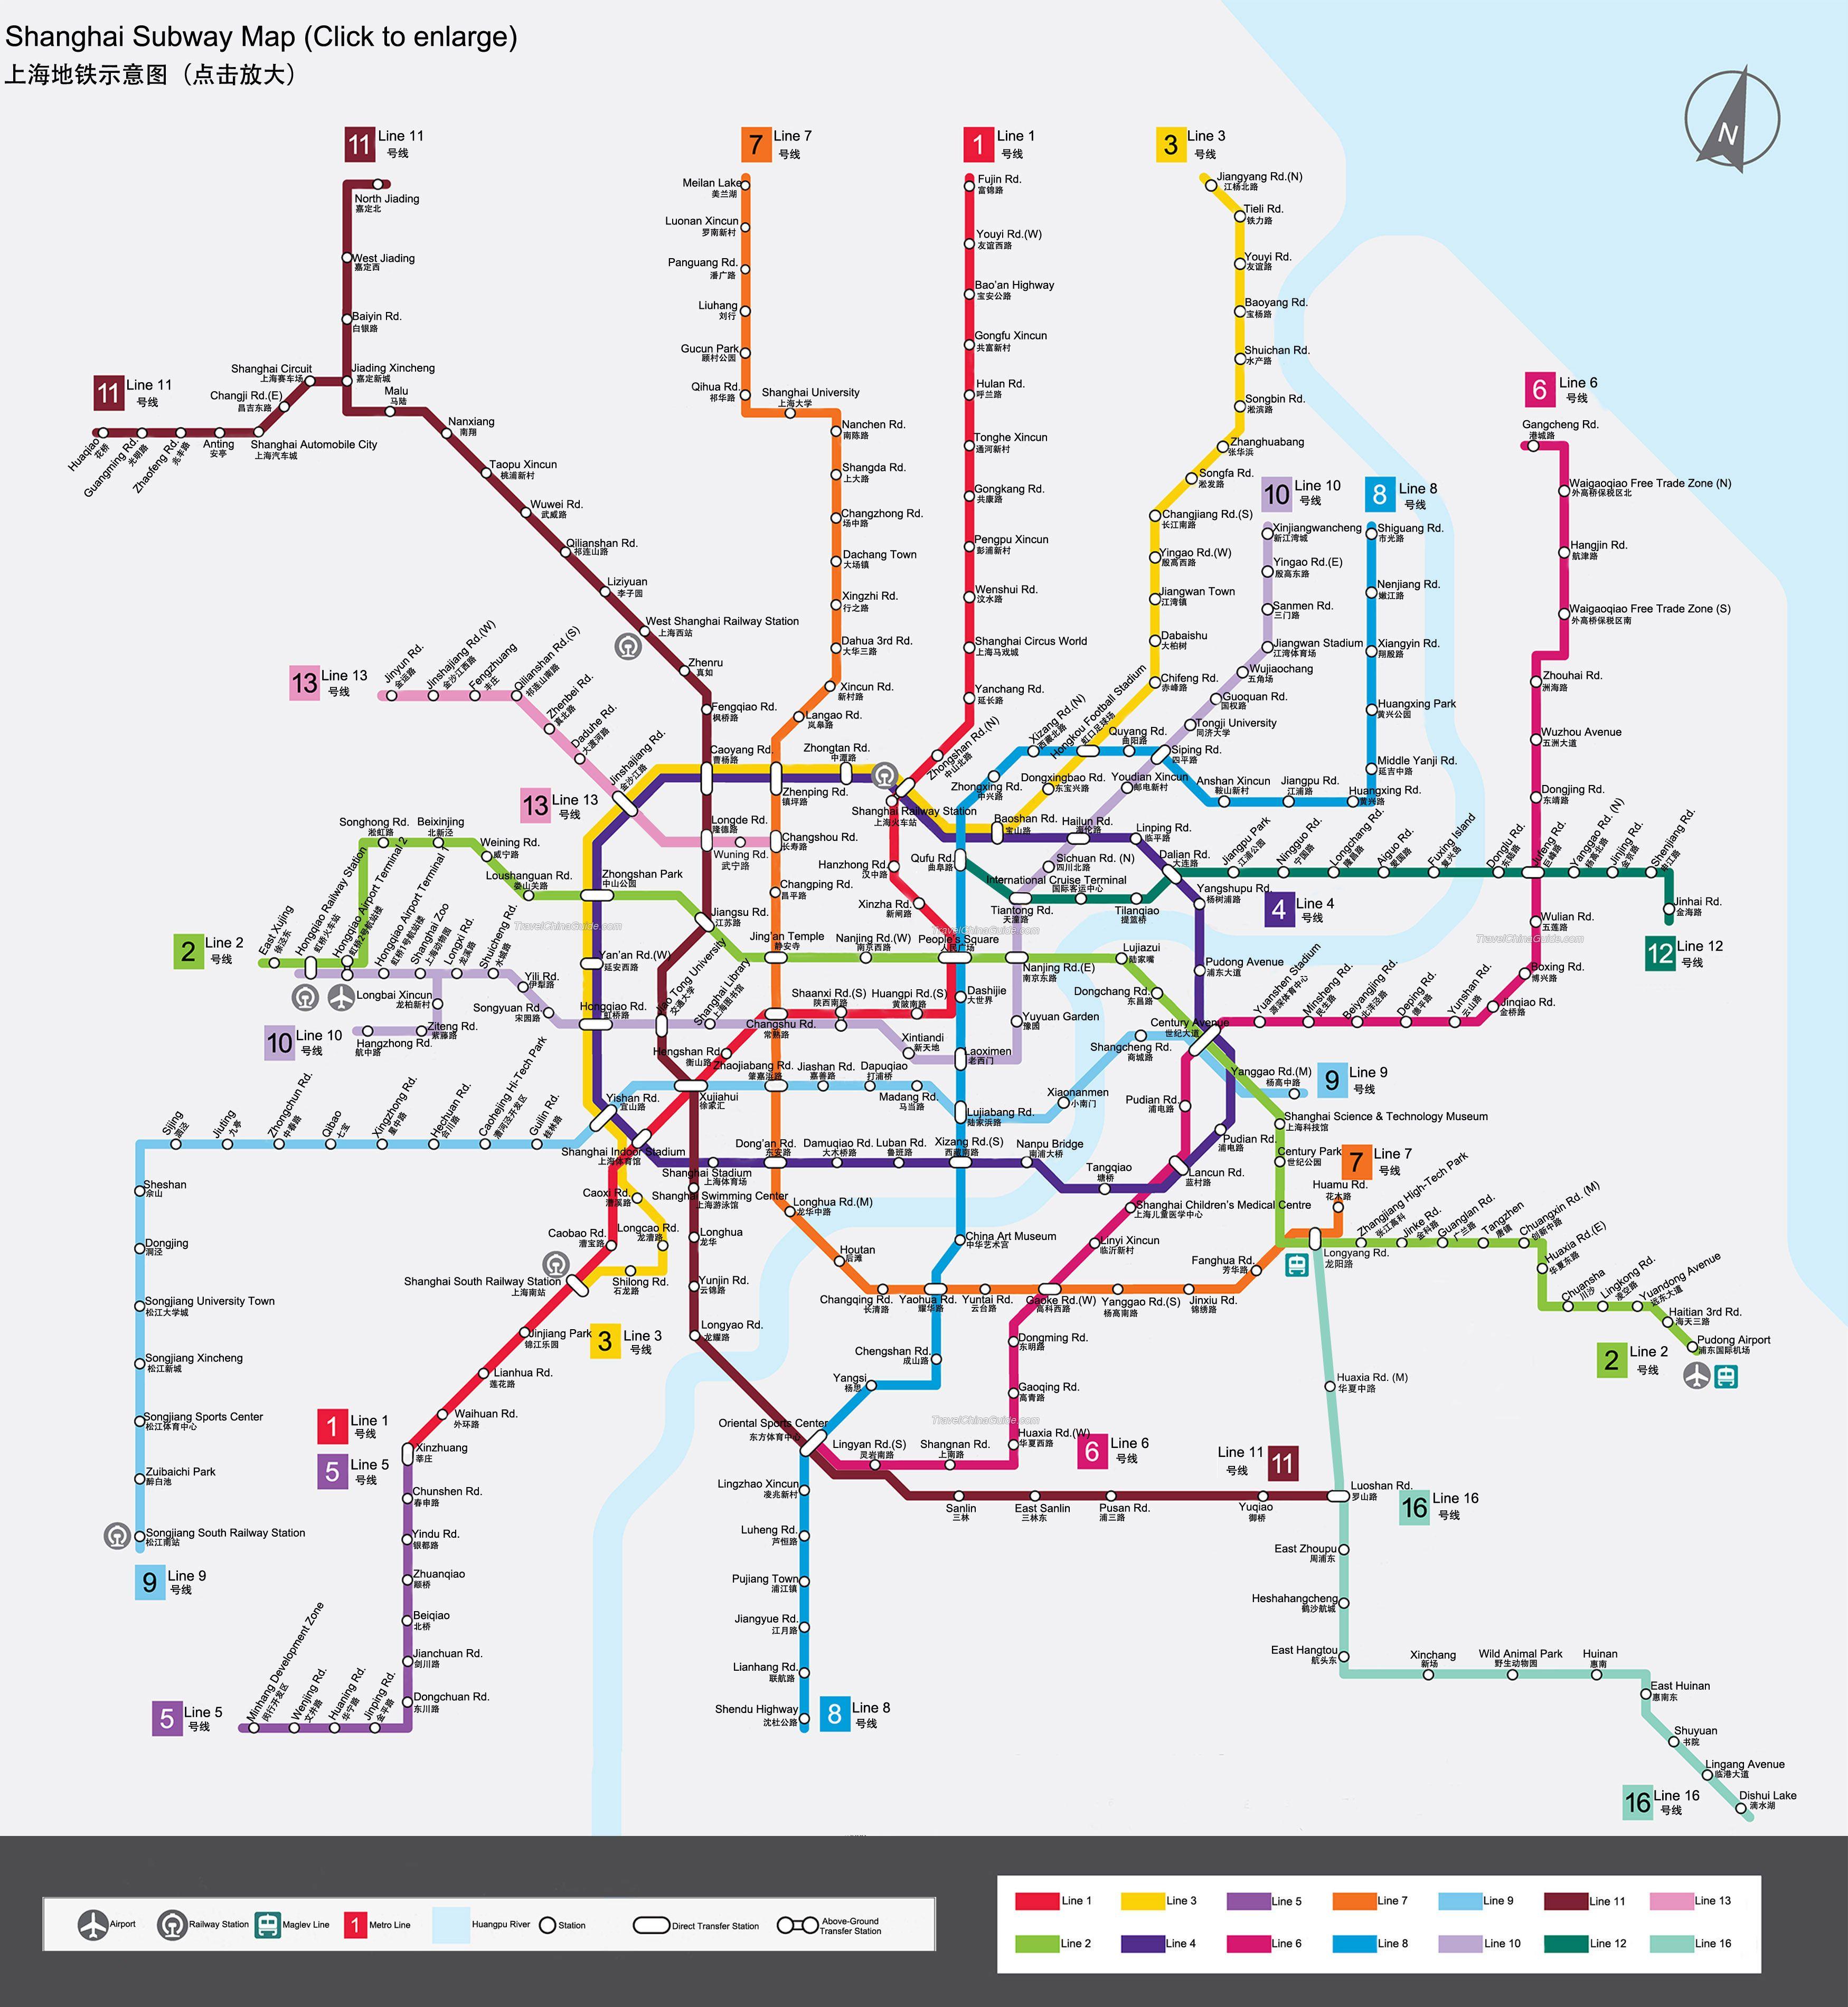 Subway Map Of Shanghai.Map Of China Shanghai Subway Lines Metro Station Subway Map Metro Map Beijing Subway Map